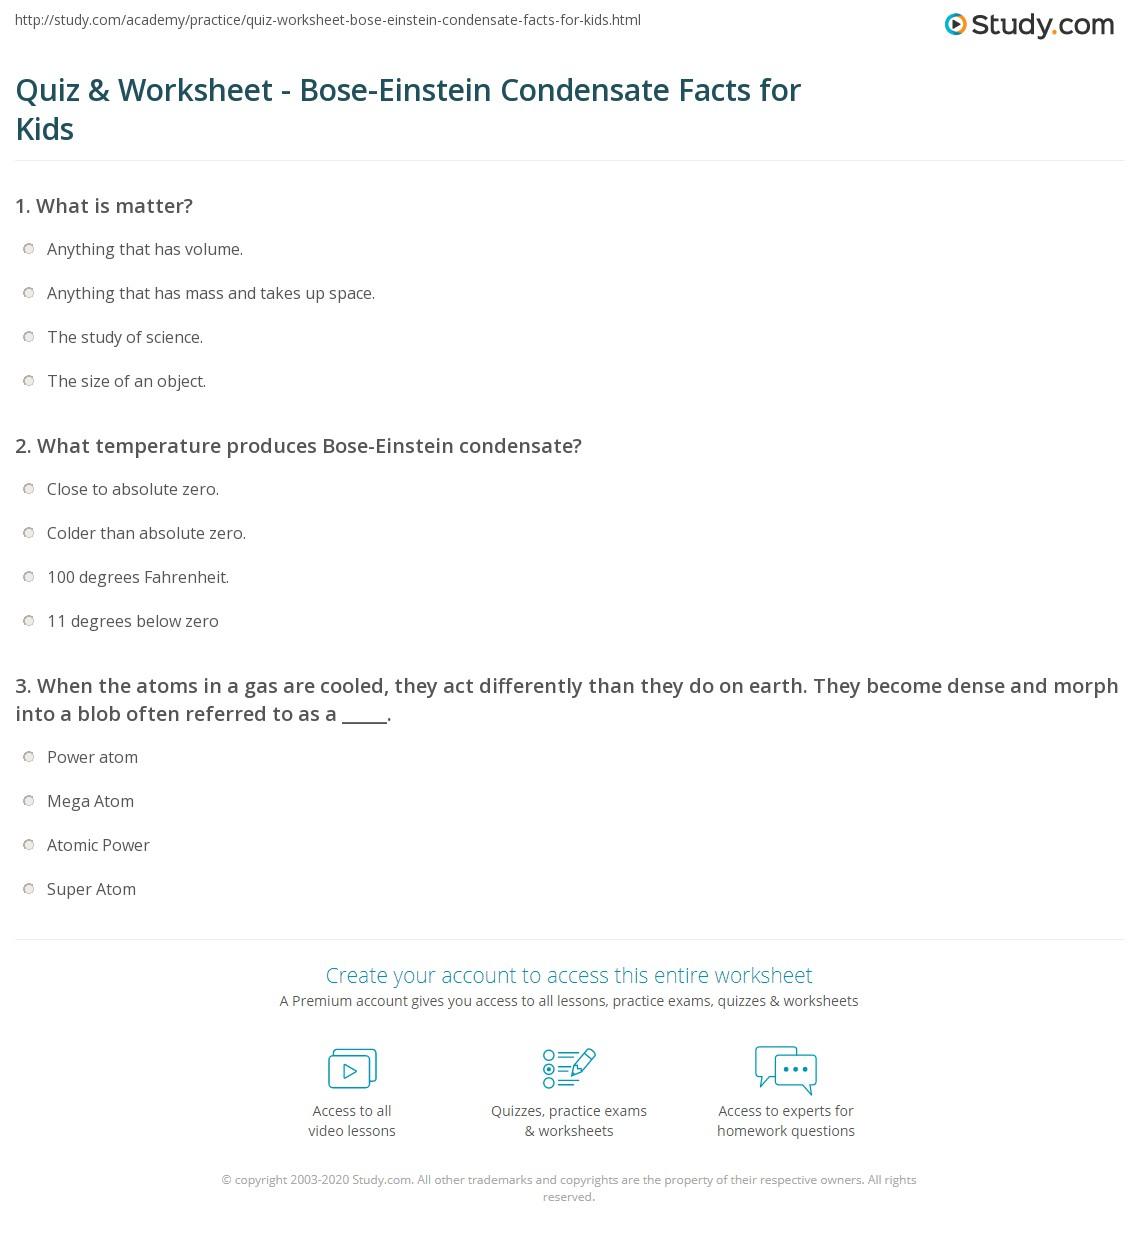 Quiz Worksheet Bose Einstein Condensate Facts For Kids Study